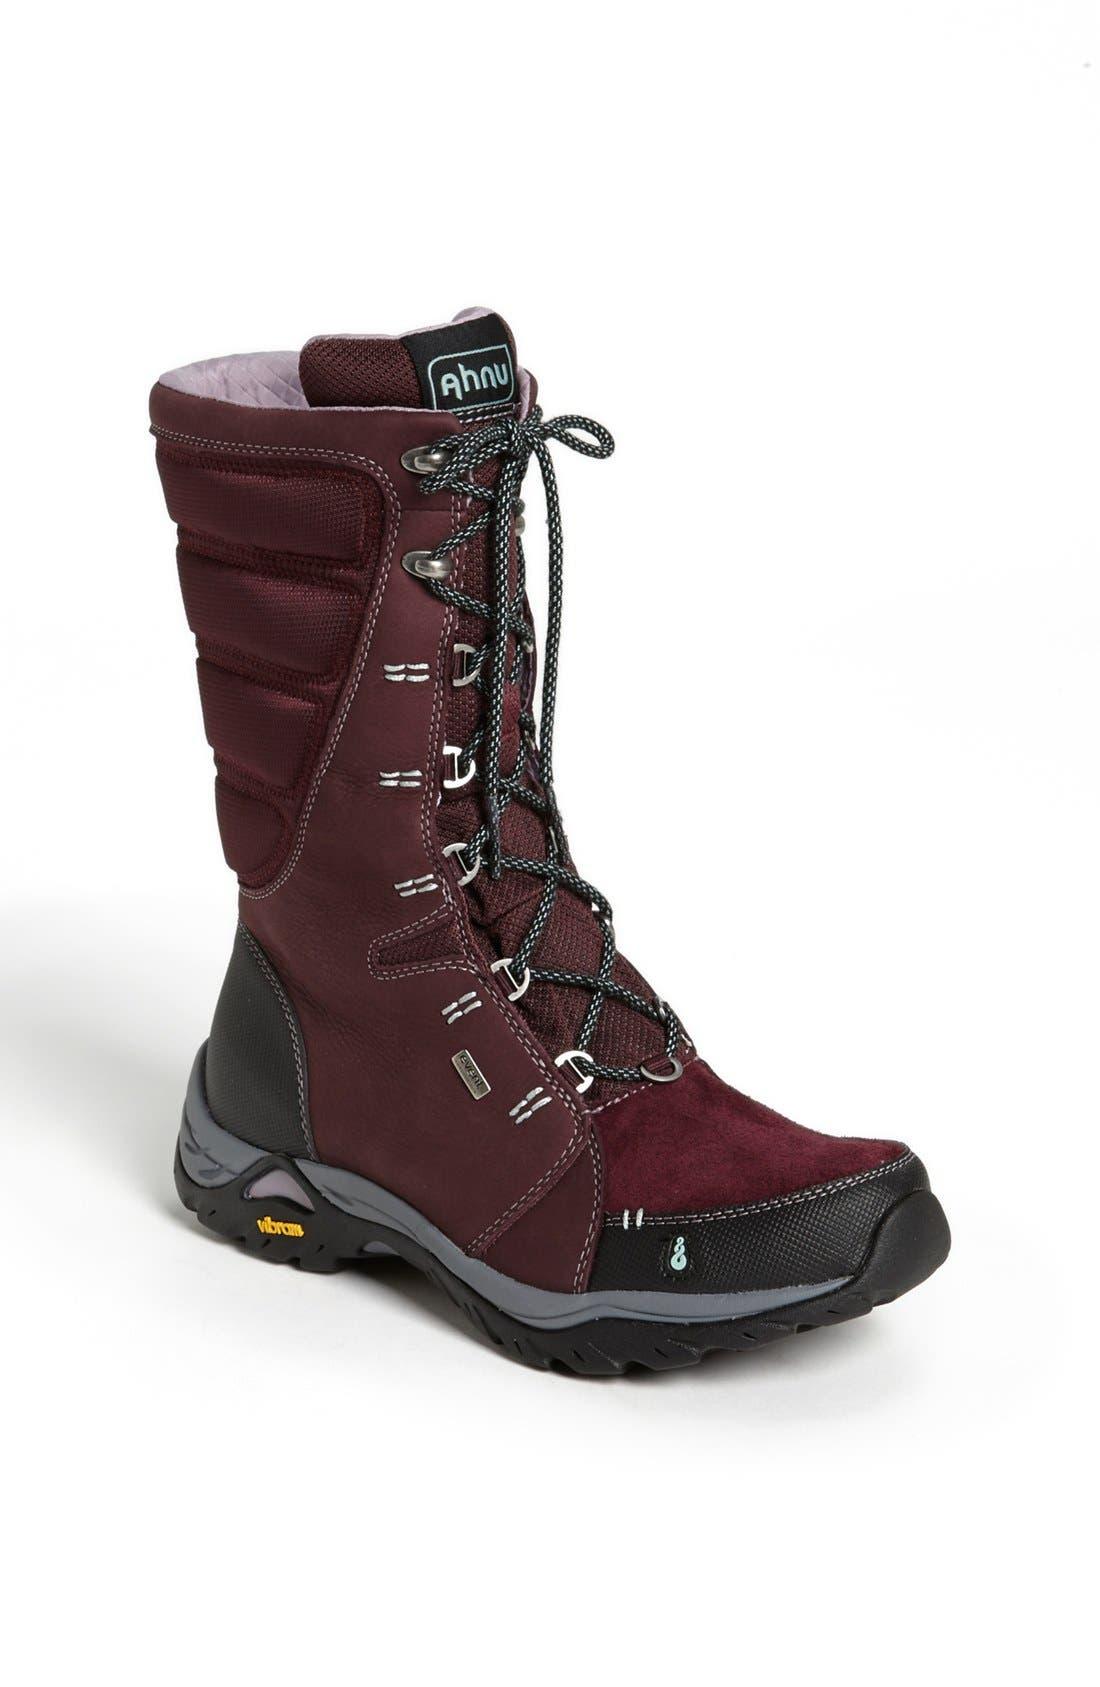 Main Image - Ahnu 'Northridge' Boot